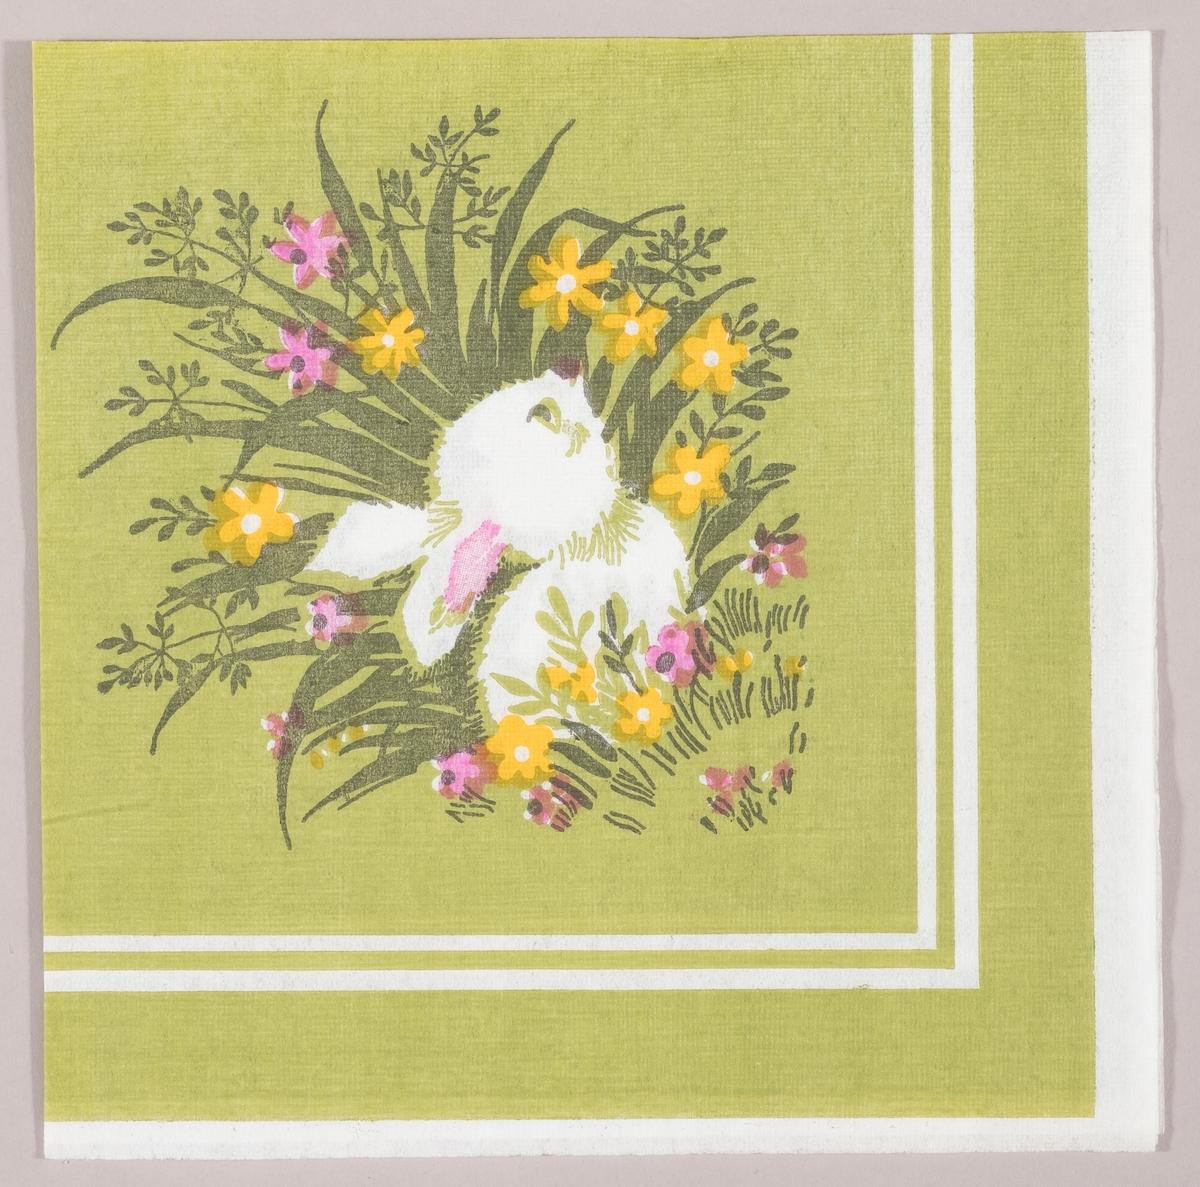 En harepus gjemmer seg i gresset mellom gule og rosa blomster. Hvite kantstriper.